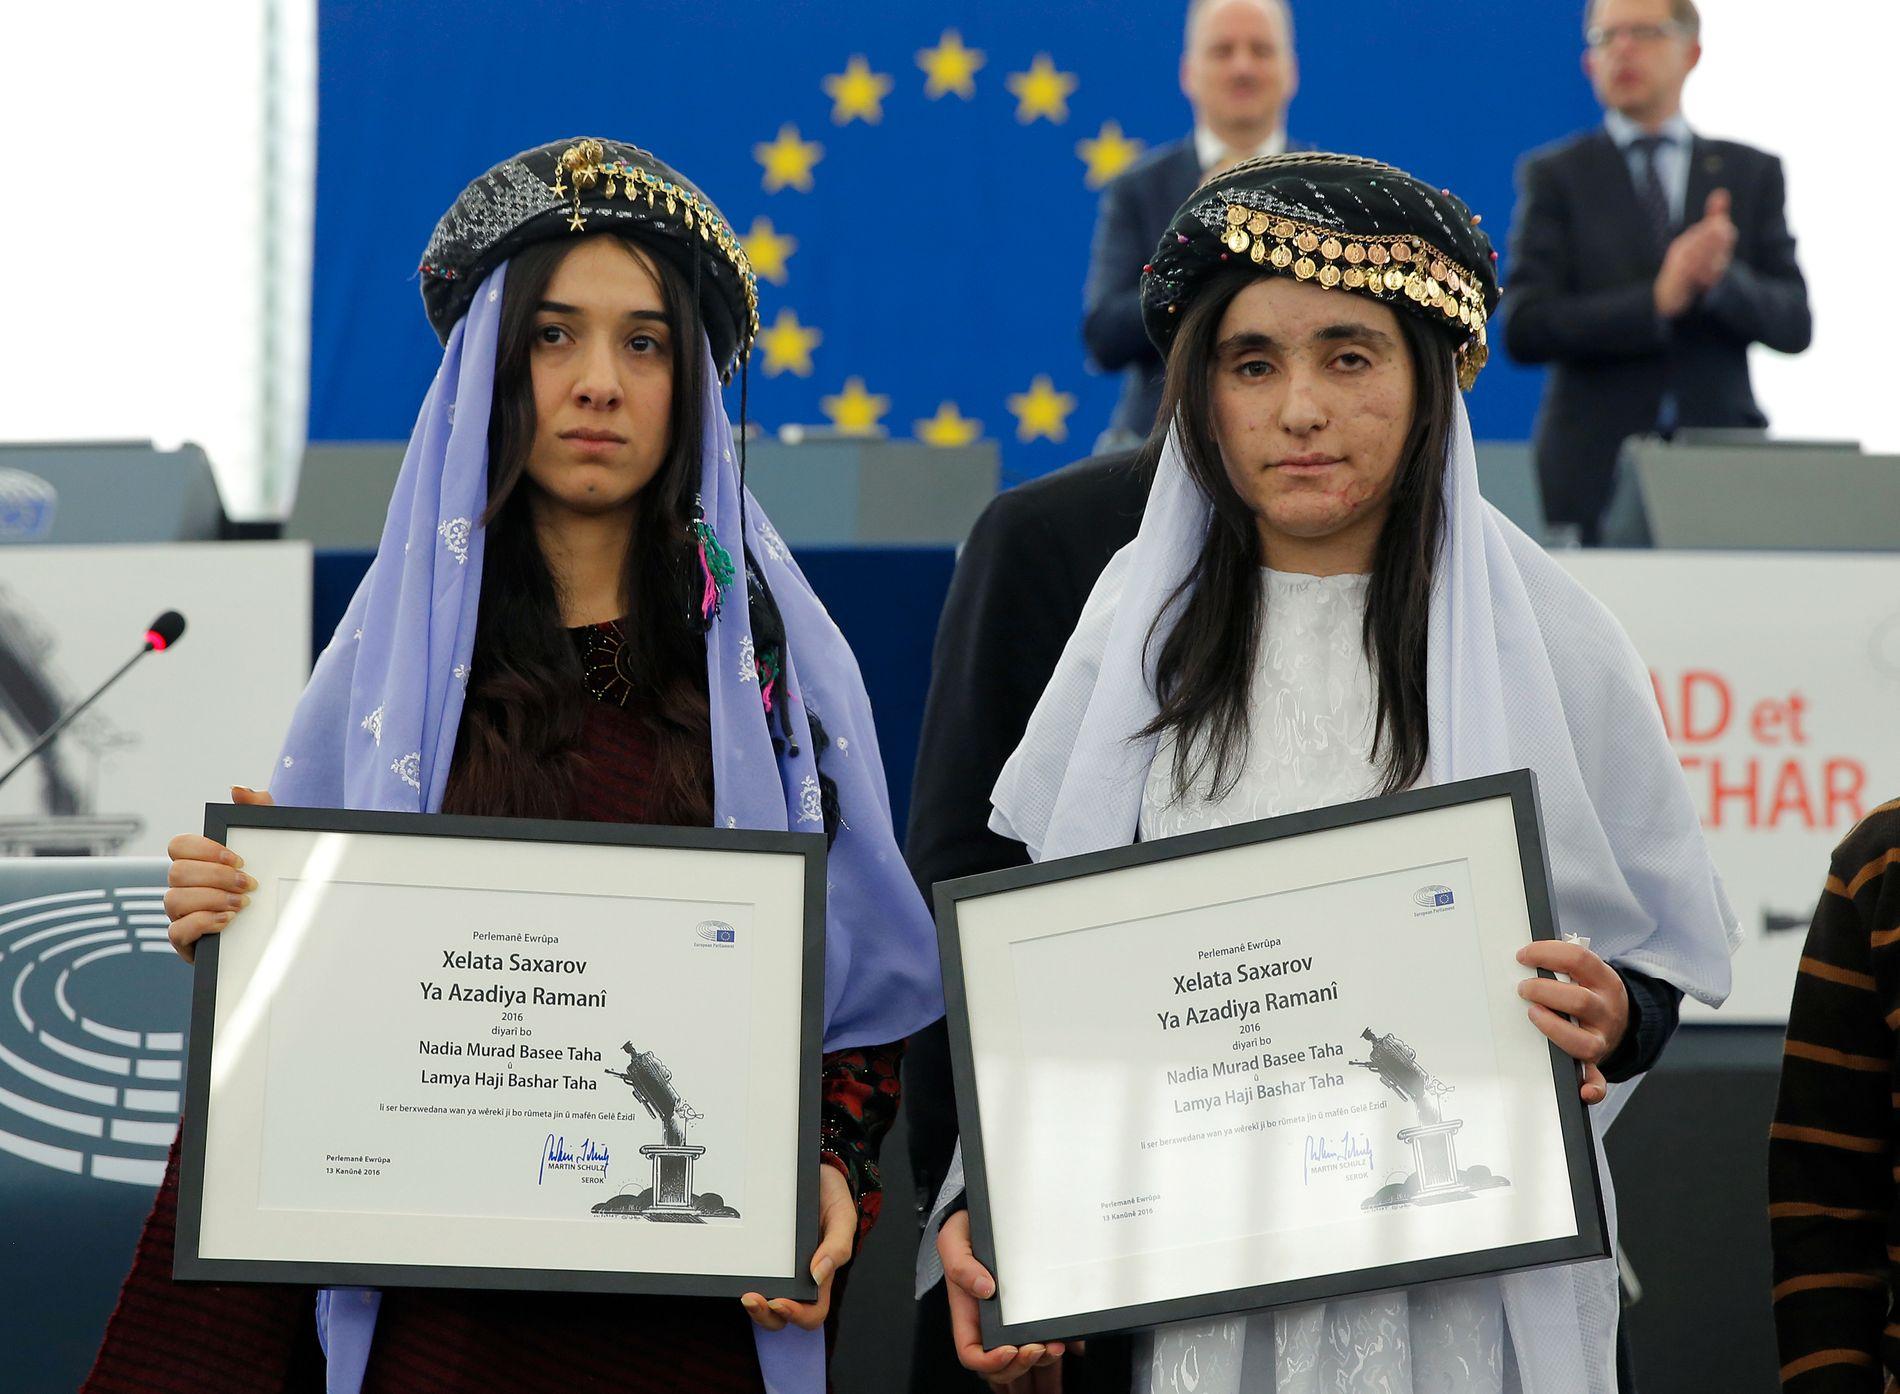 HEDRET:  Nadia Murad og Lamiya Aji Bashar, begge yezidier fra Irak, ble i 2016 tildelt Sakharov-prisen under en seremoni i Europaparlamentet i Strassbourg.